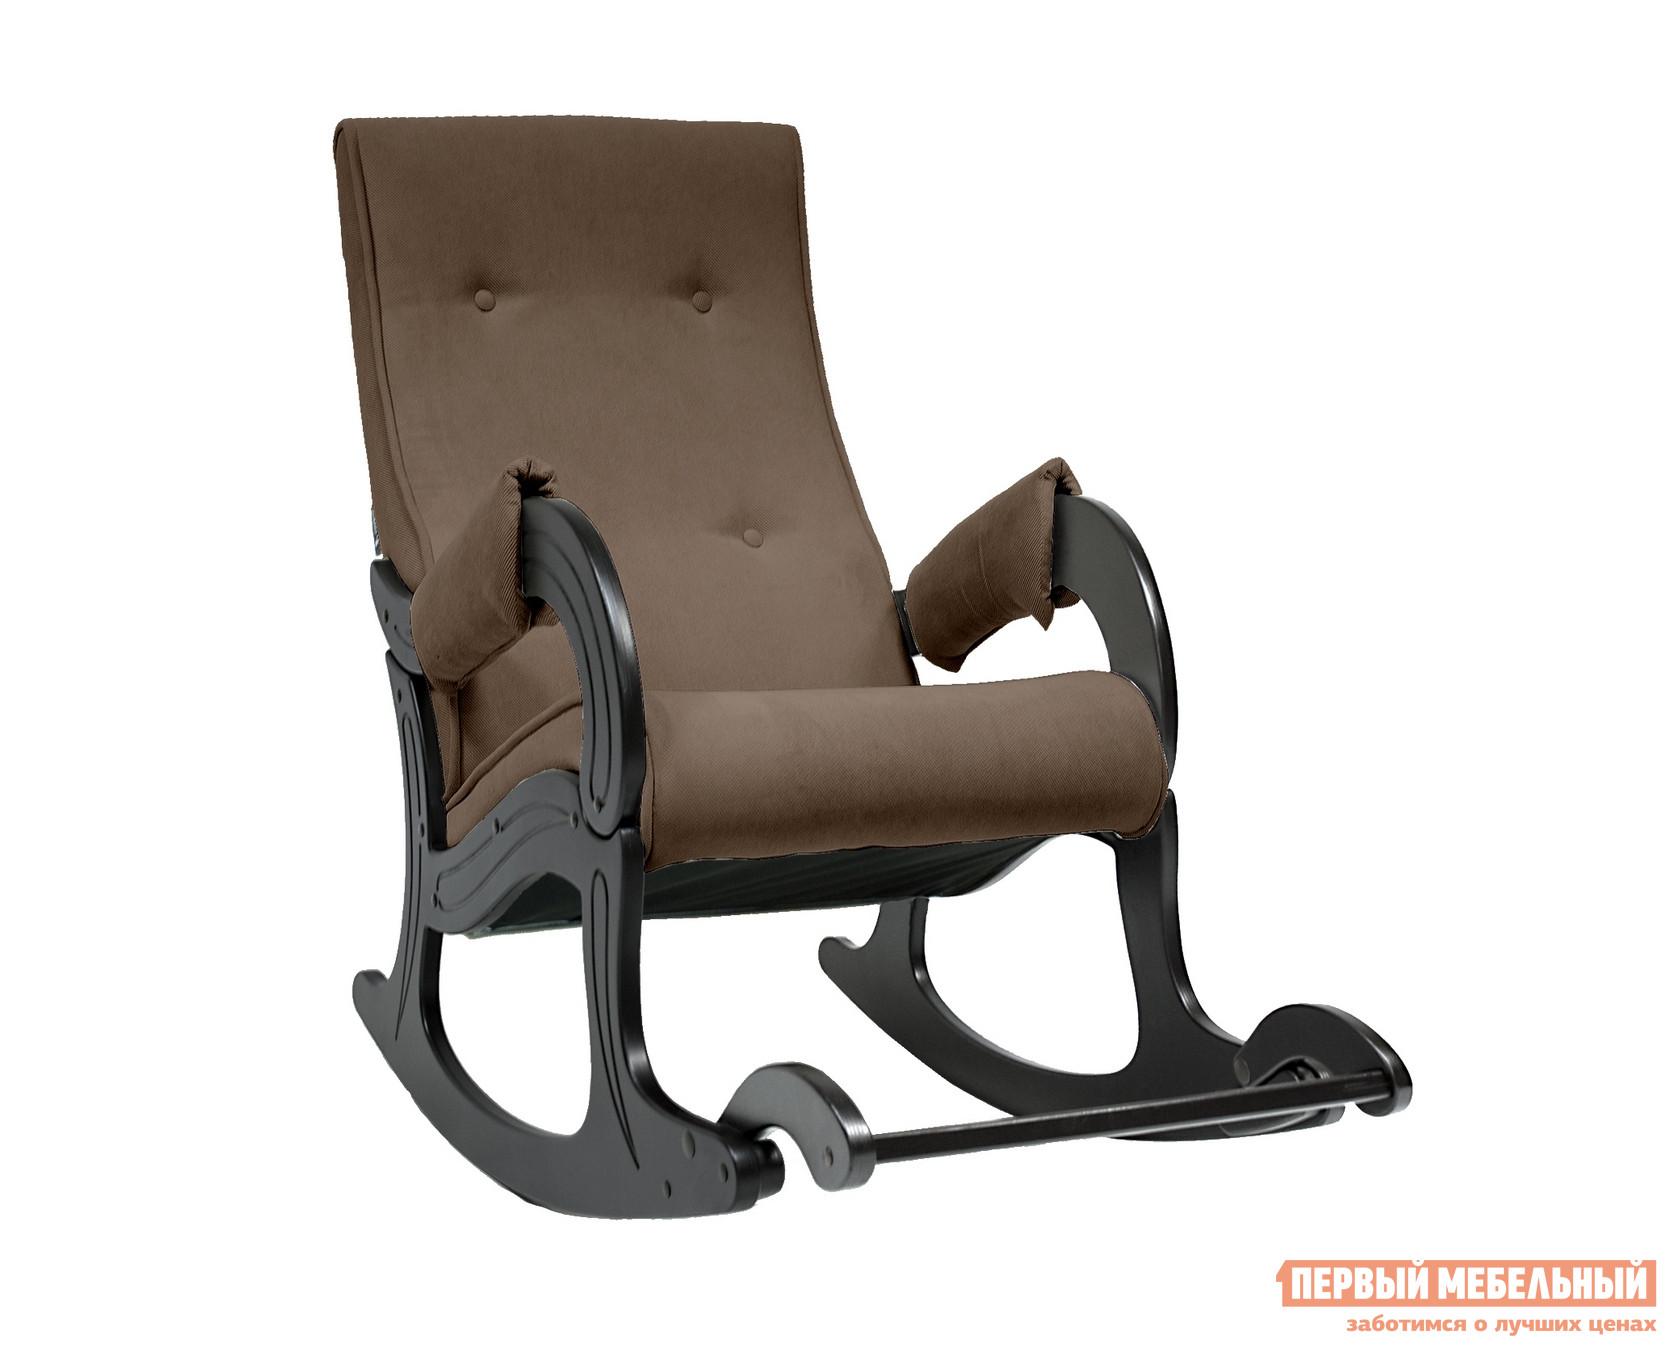 Кресло-качалка Мебель Импэкс Кресло-качалка Комфорт Модель 707